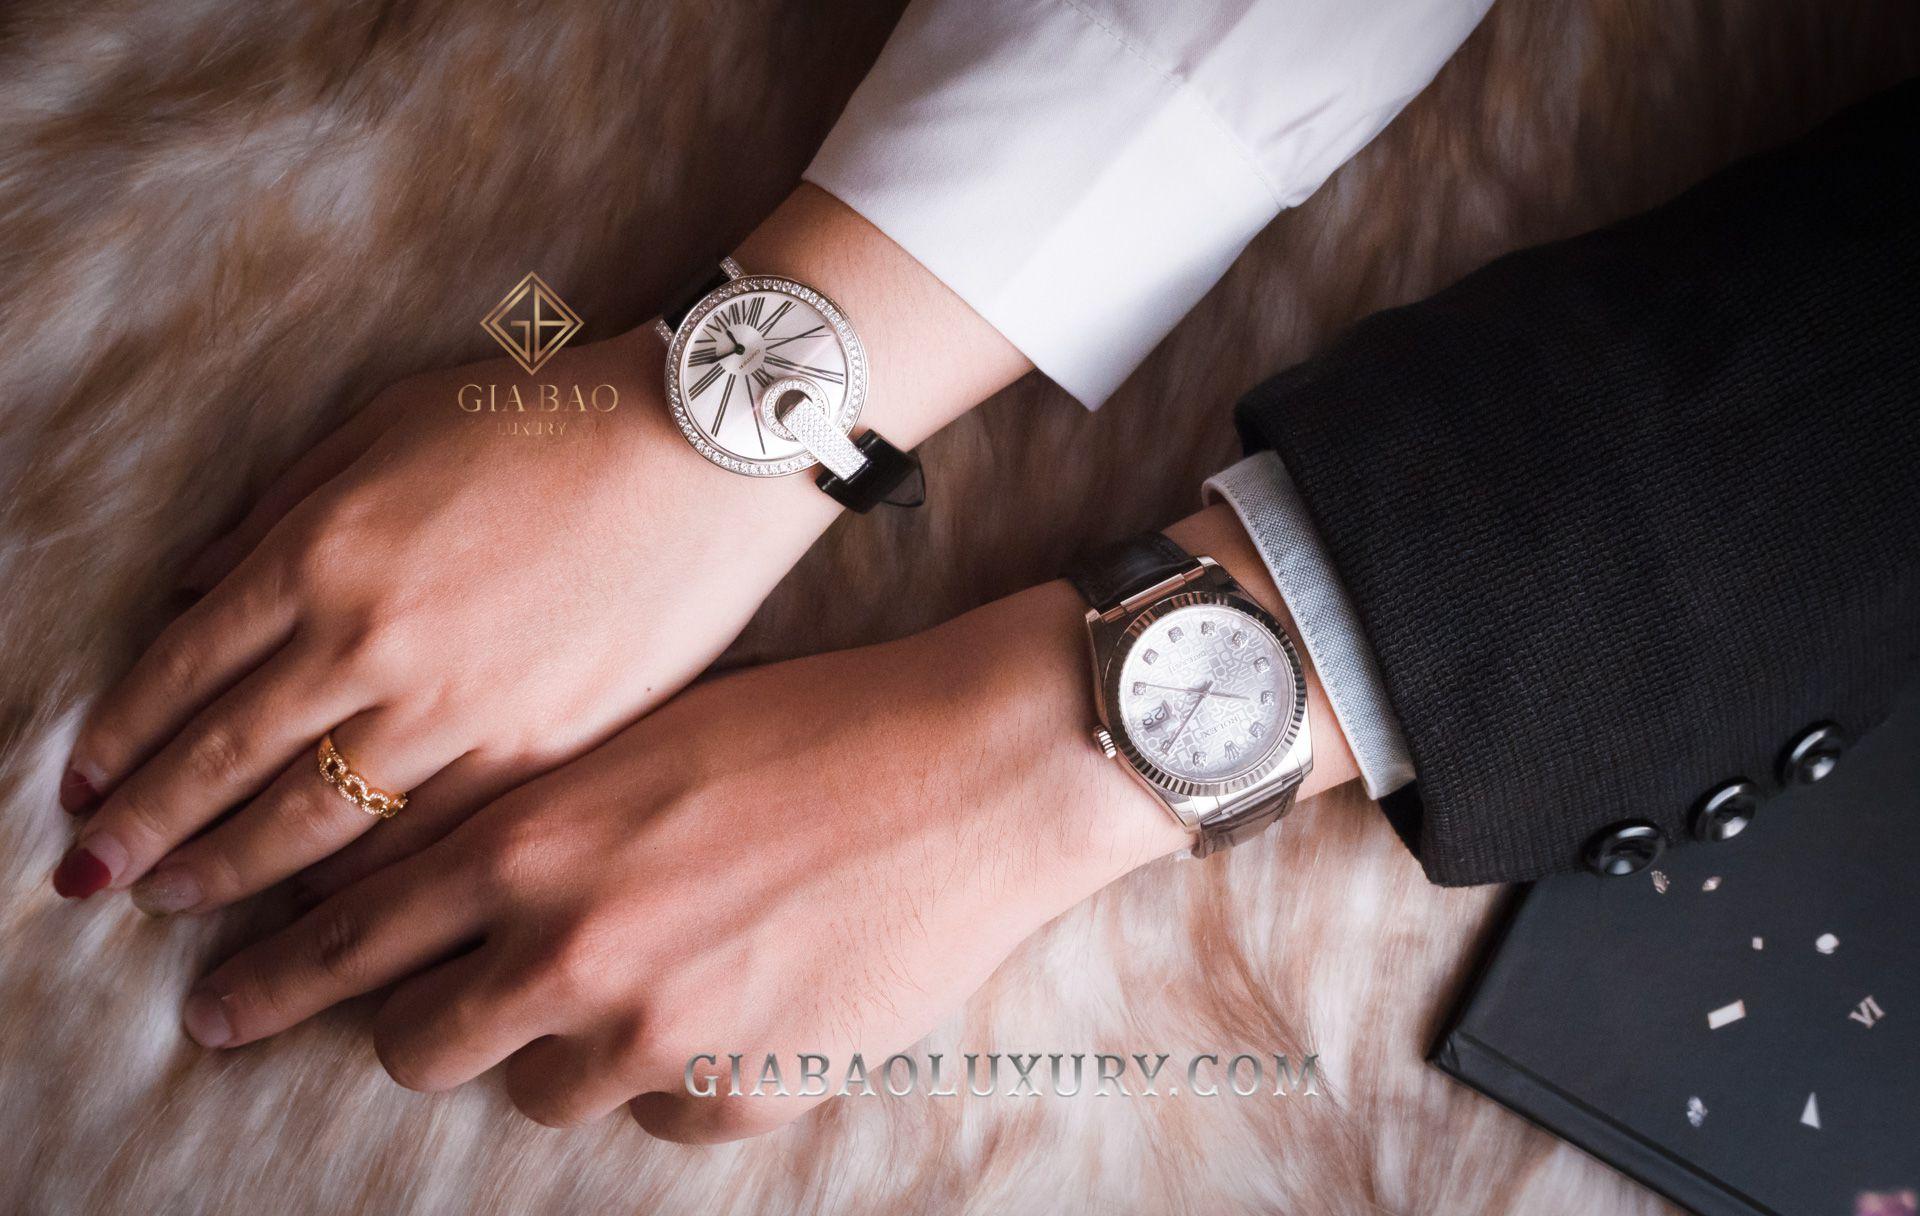 Thu mua đồng hồ Cartier tại cửa hàng Gia Bảo Luxury